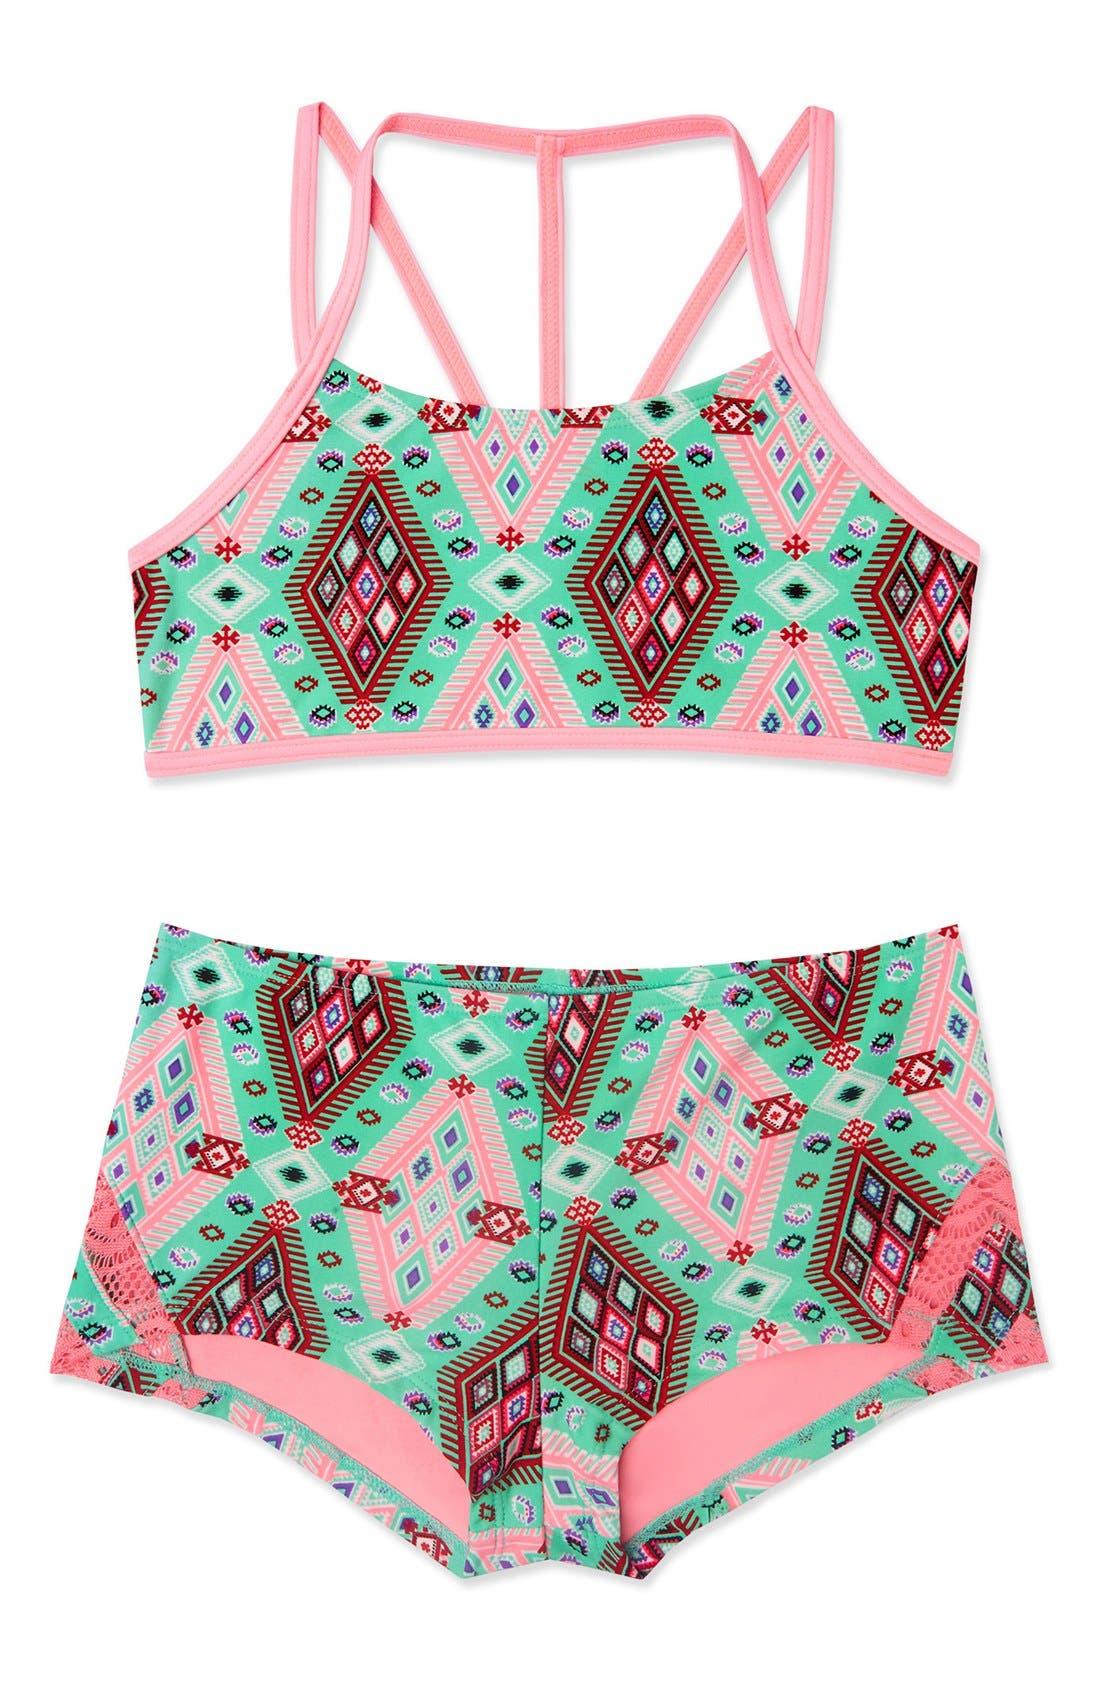 'Aztec Harvest' Print Two-Piece Swimsuit,                         Main,                         color, 300